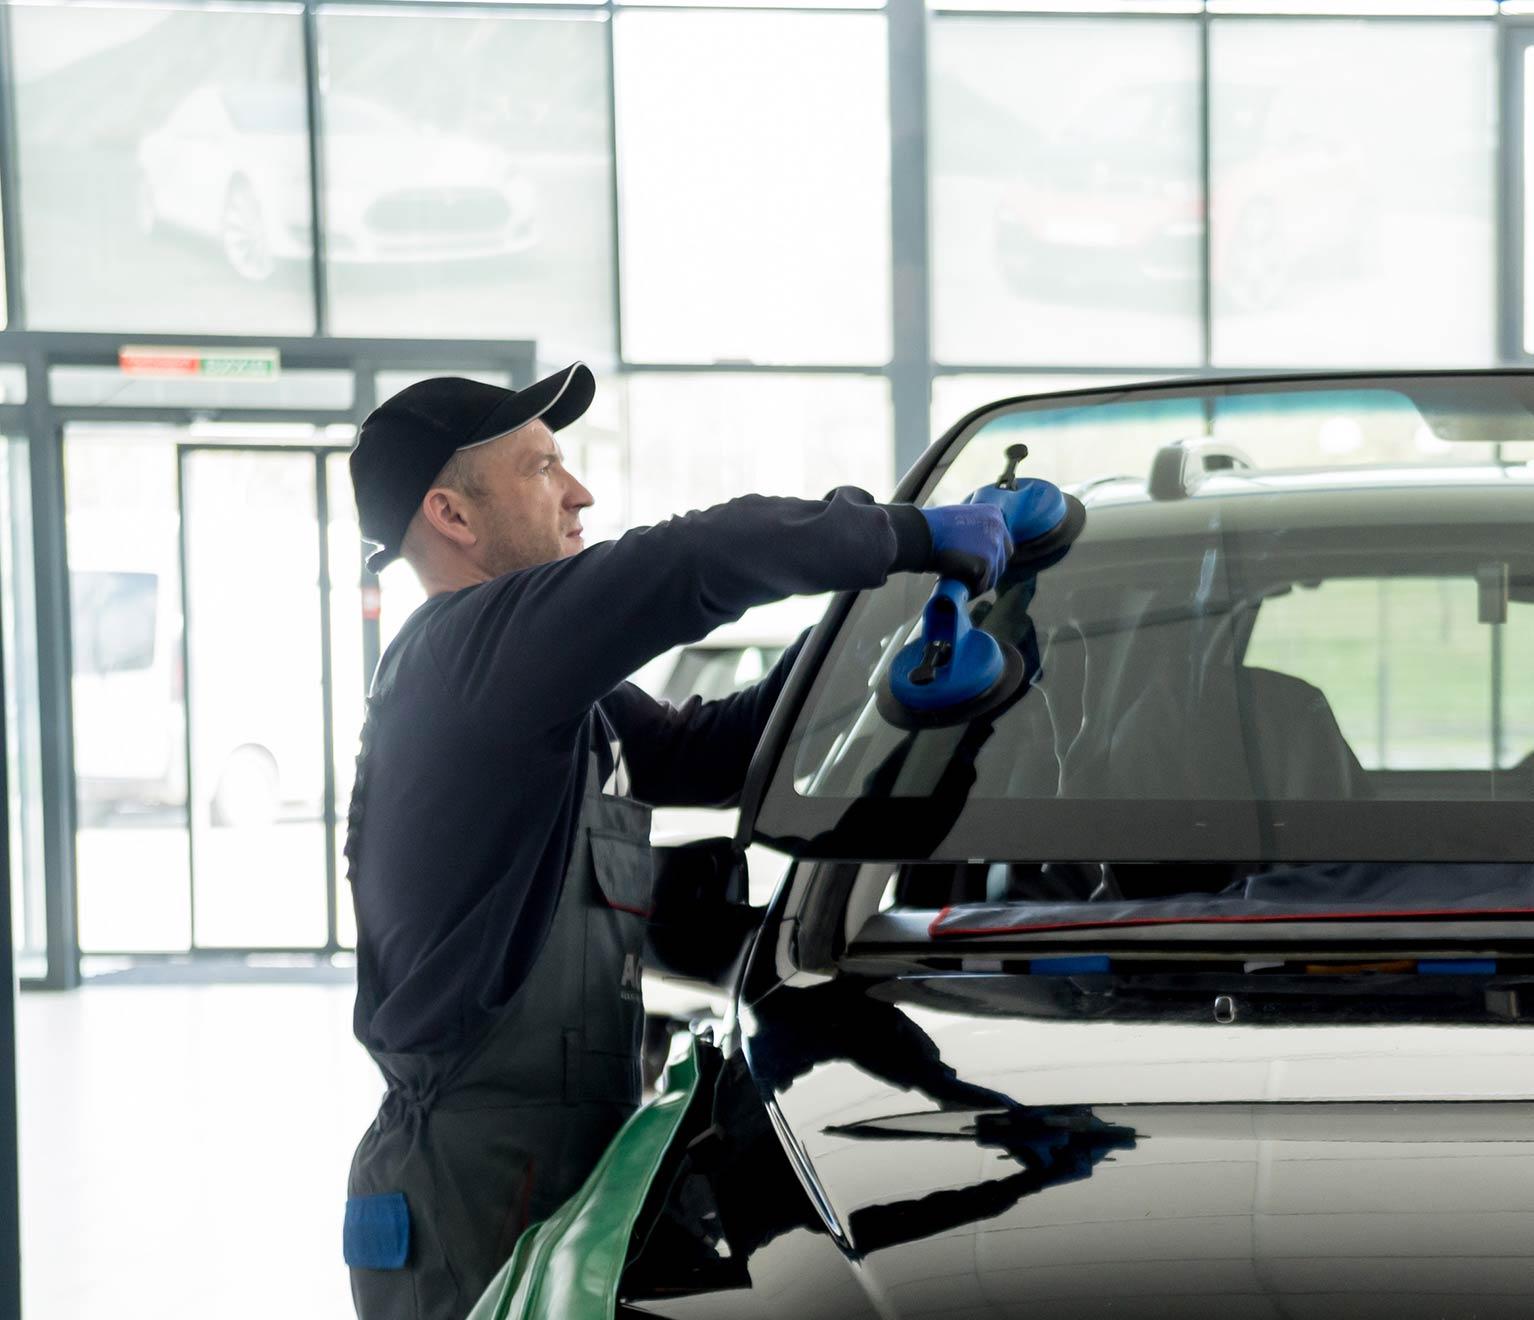 crack windshield rental car